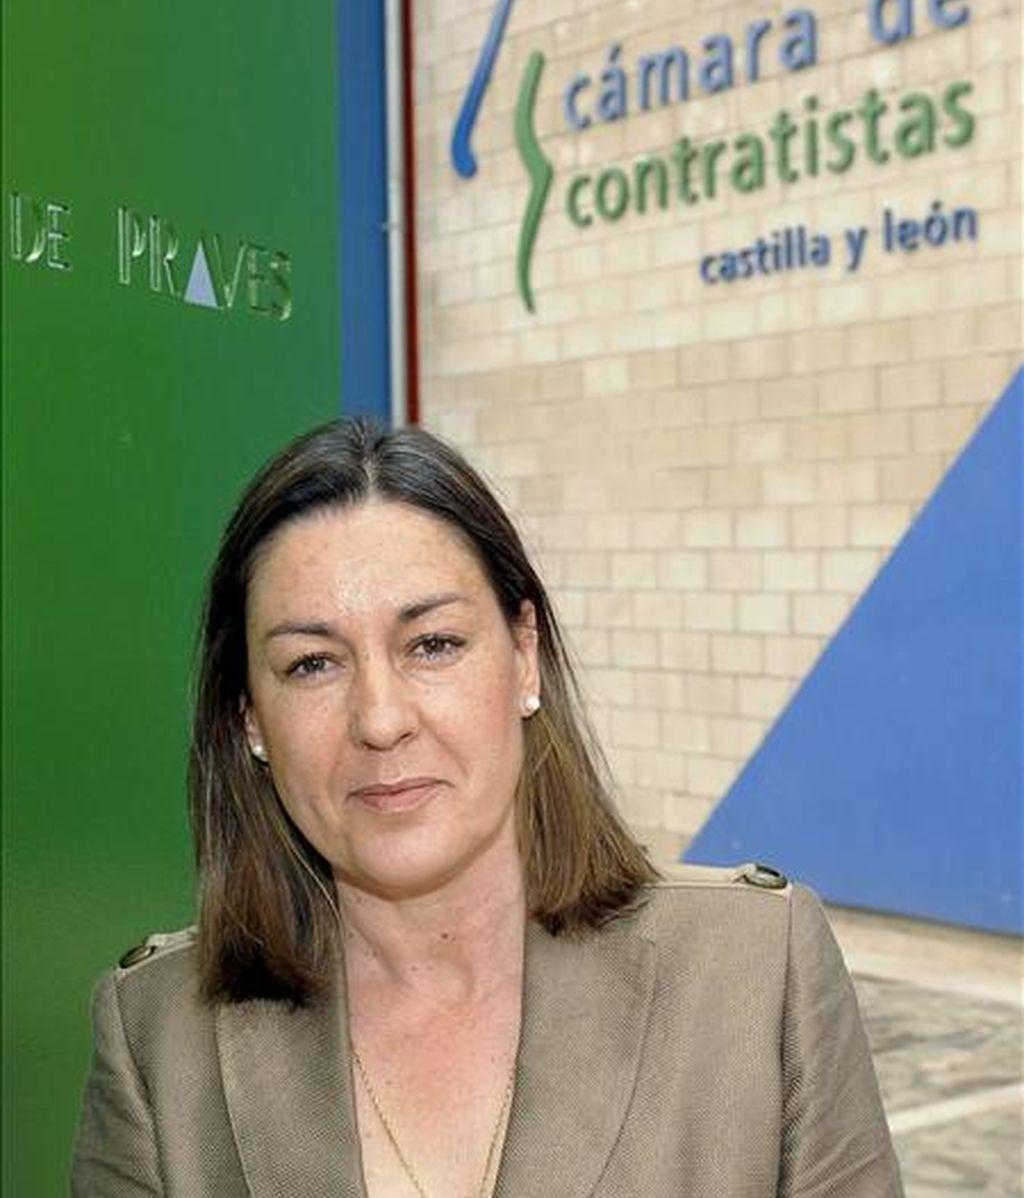 """La presidenta de la Cámara de Contratistas de Castilla y León, Isabel de Blas, durante la entrevista con EFE, en la que ha asegurado que """"el empleo se va a mantener"""" en 2009 en el sector de la obra pública en la Comunidad. EFE"""